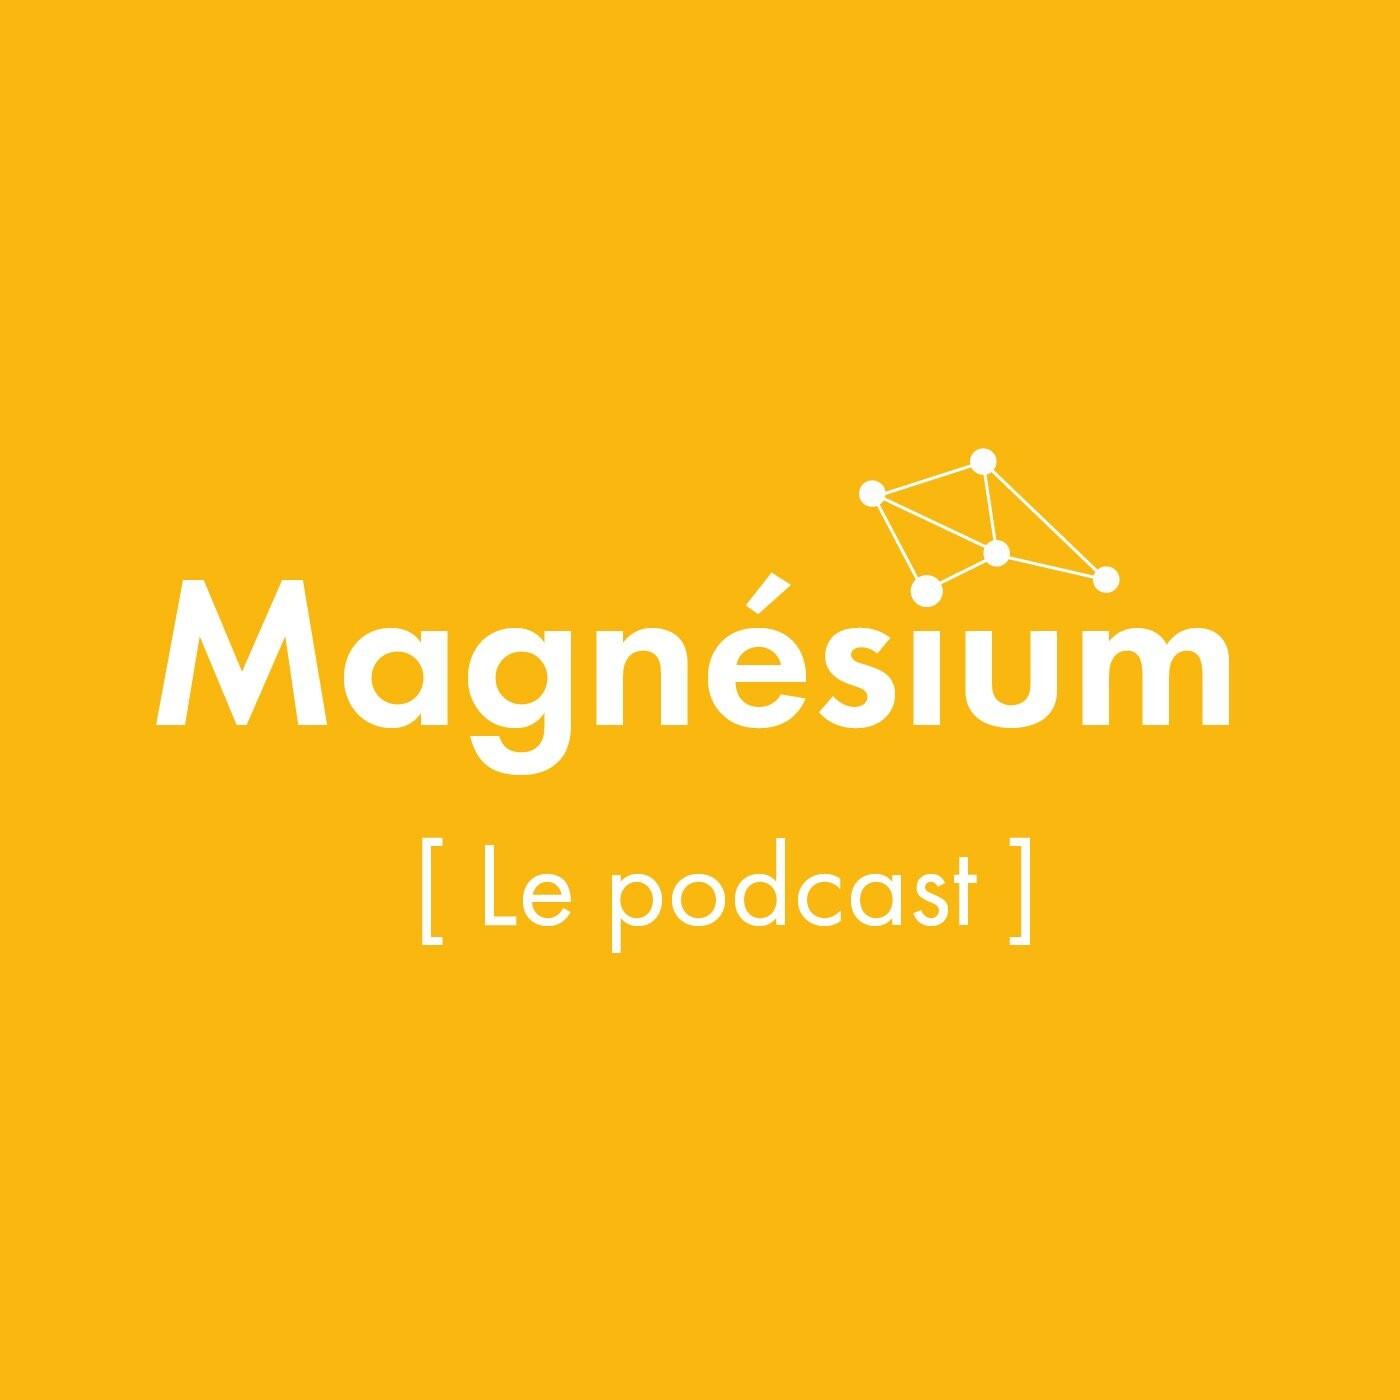 #magnesium 01 - Caroline Liby, agence immobilière solidaire et responsable #Appart&Sens / 001